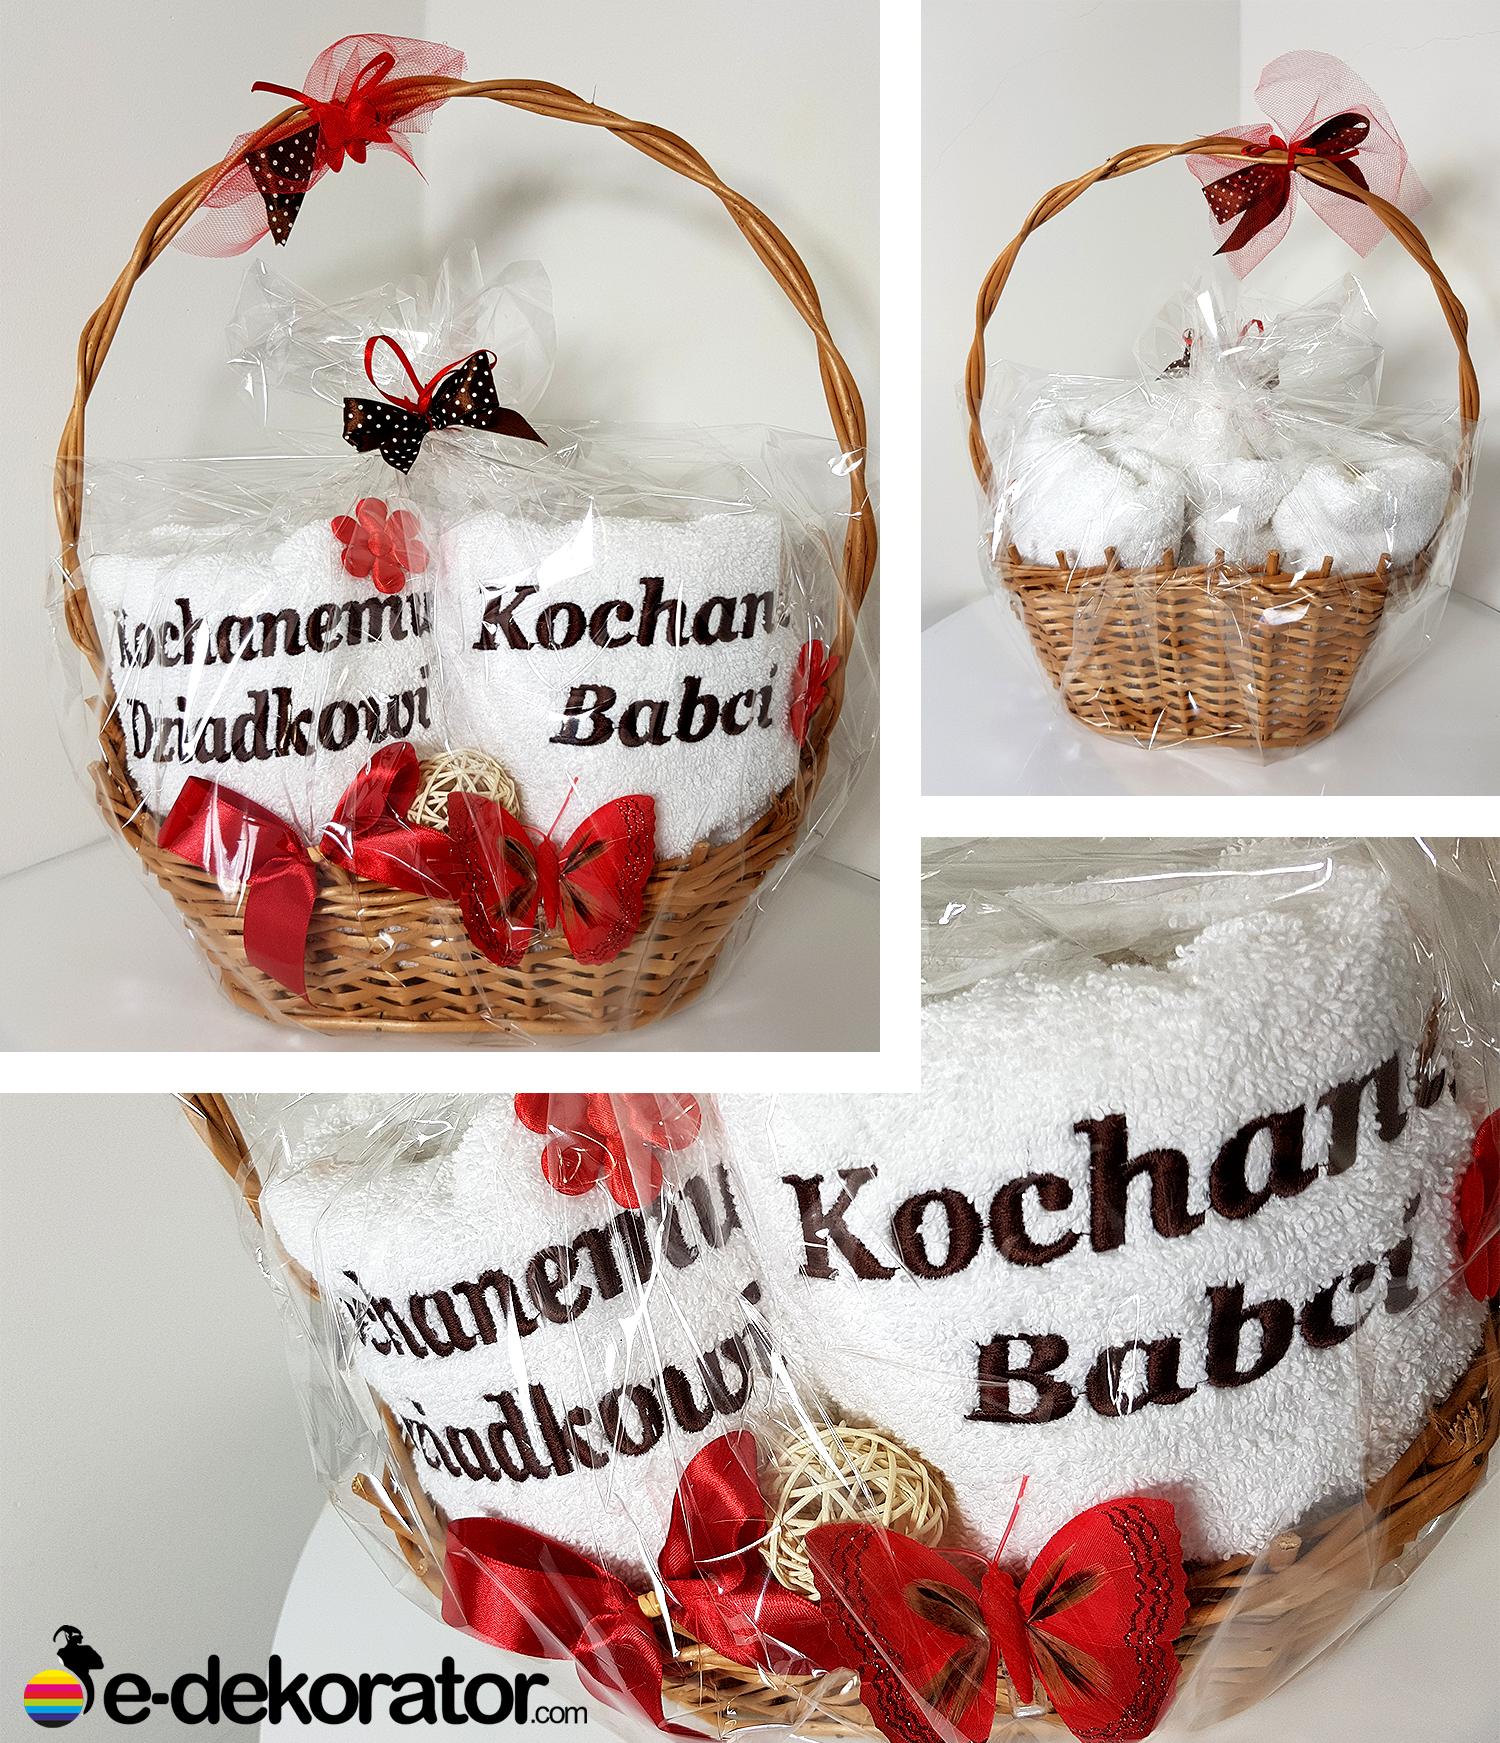 KOSZ GRAND zestaw ręczników z haftem - Kochanej Babci - Kochanemu Dziadkowi 2x50x100cm 4